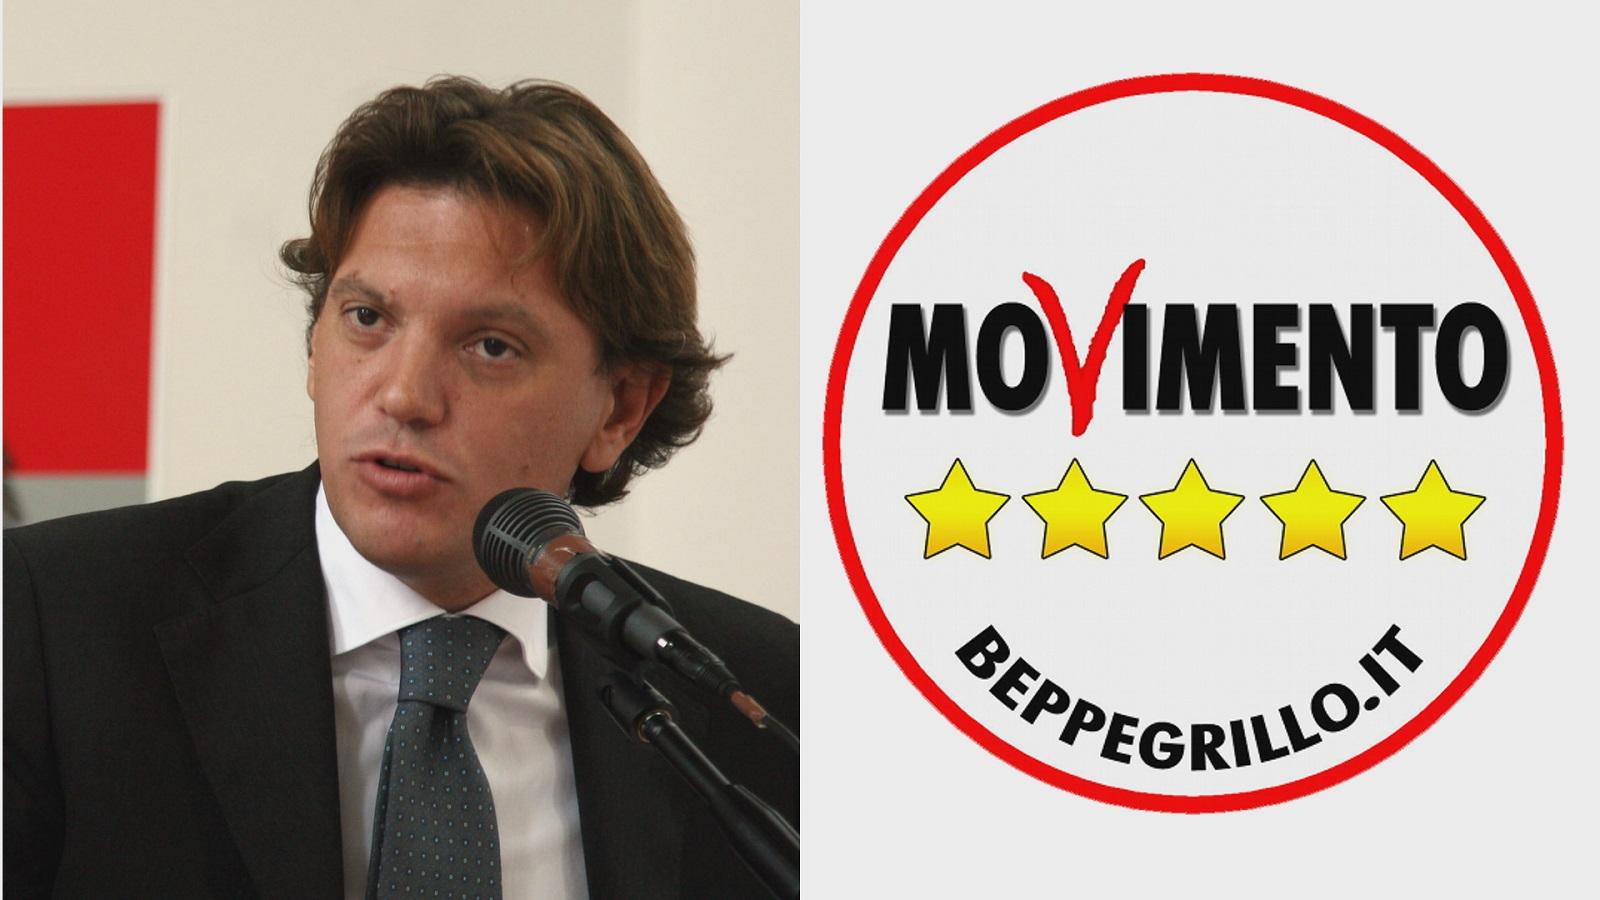 """Movimento a Del Vecchio: """"fai propaganda"""". La replica: """"vi sfido pubblicamente"""""""